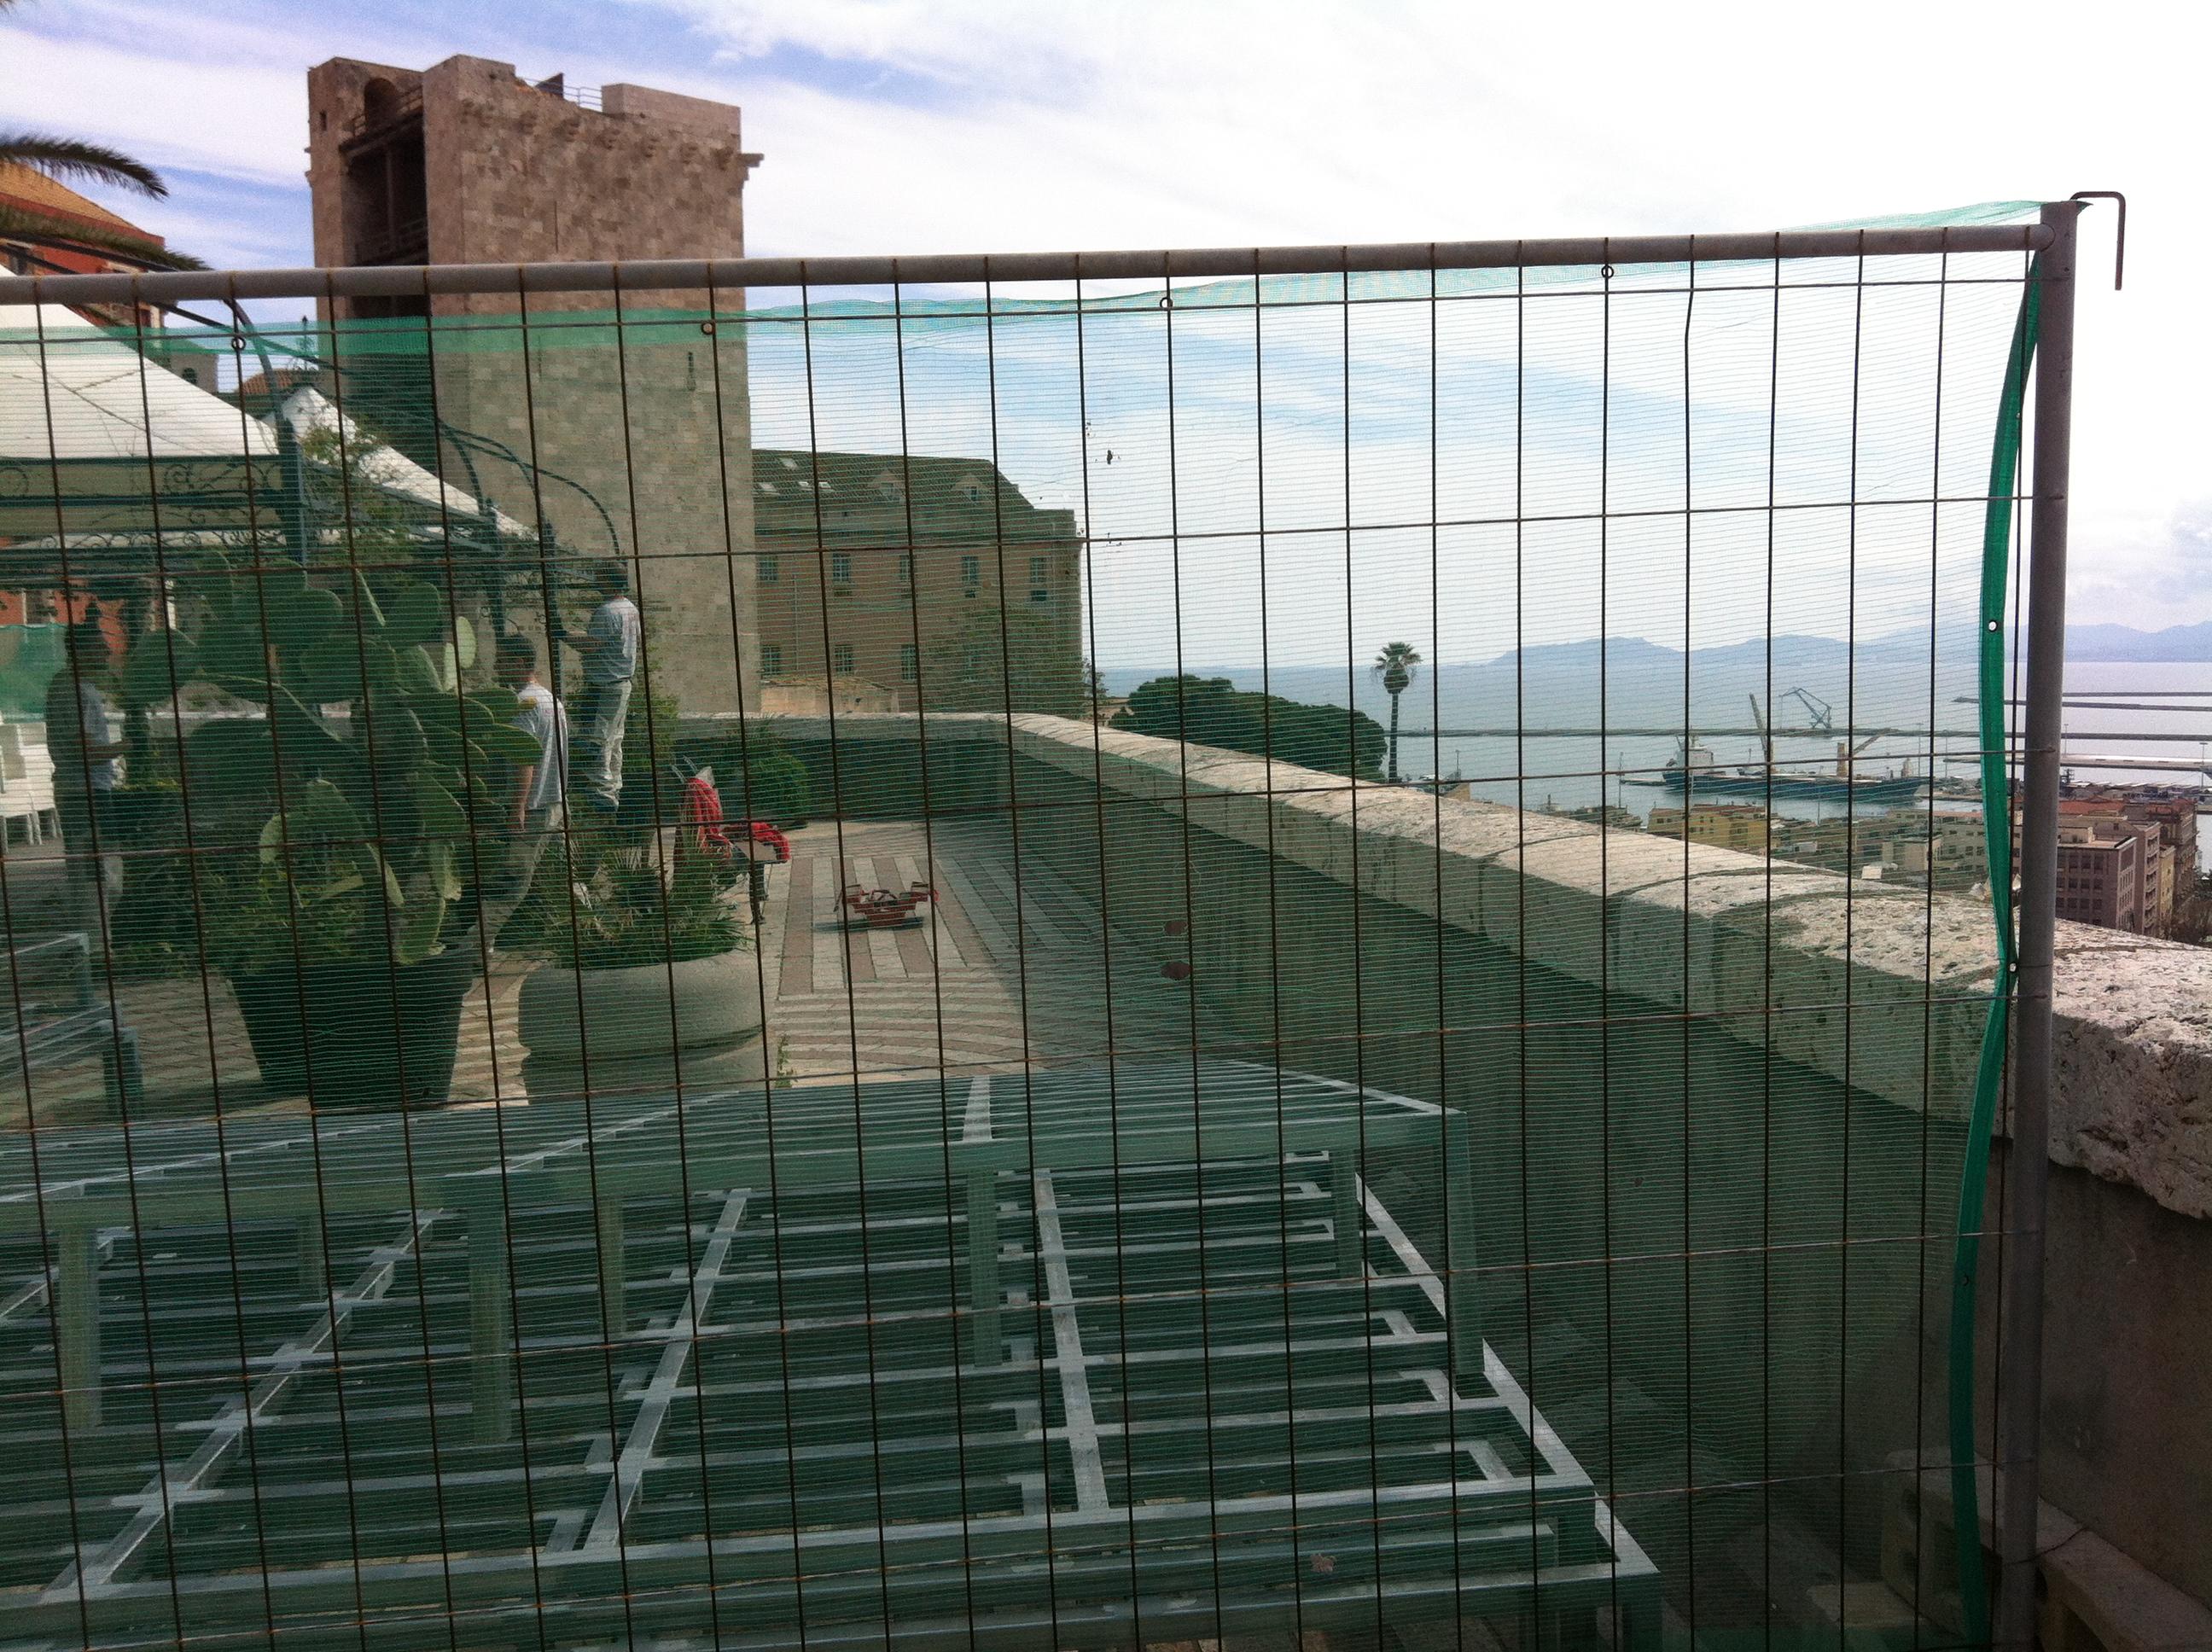 cagliari bastione di santa croce italy - photo#30